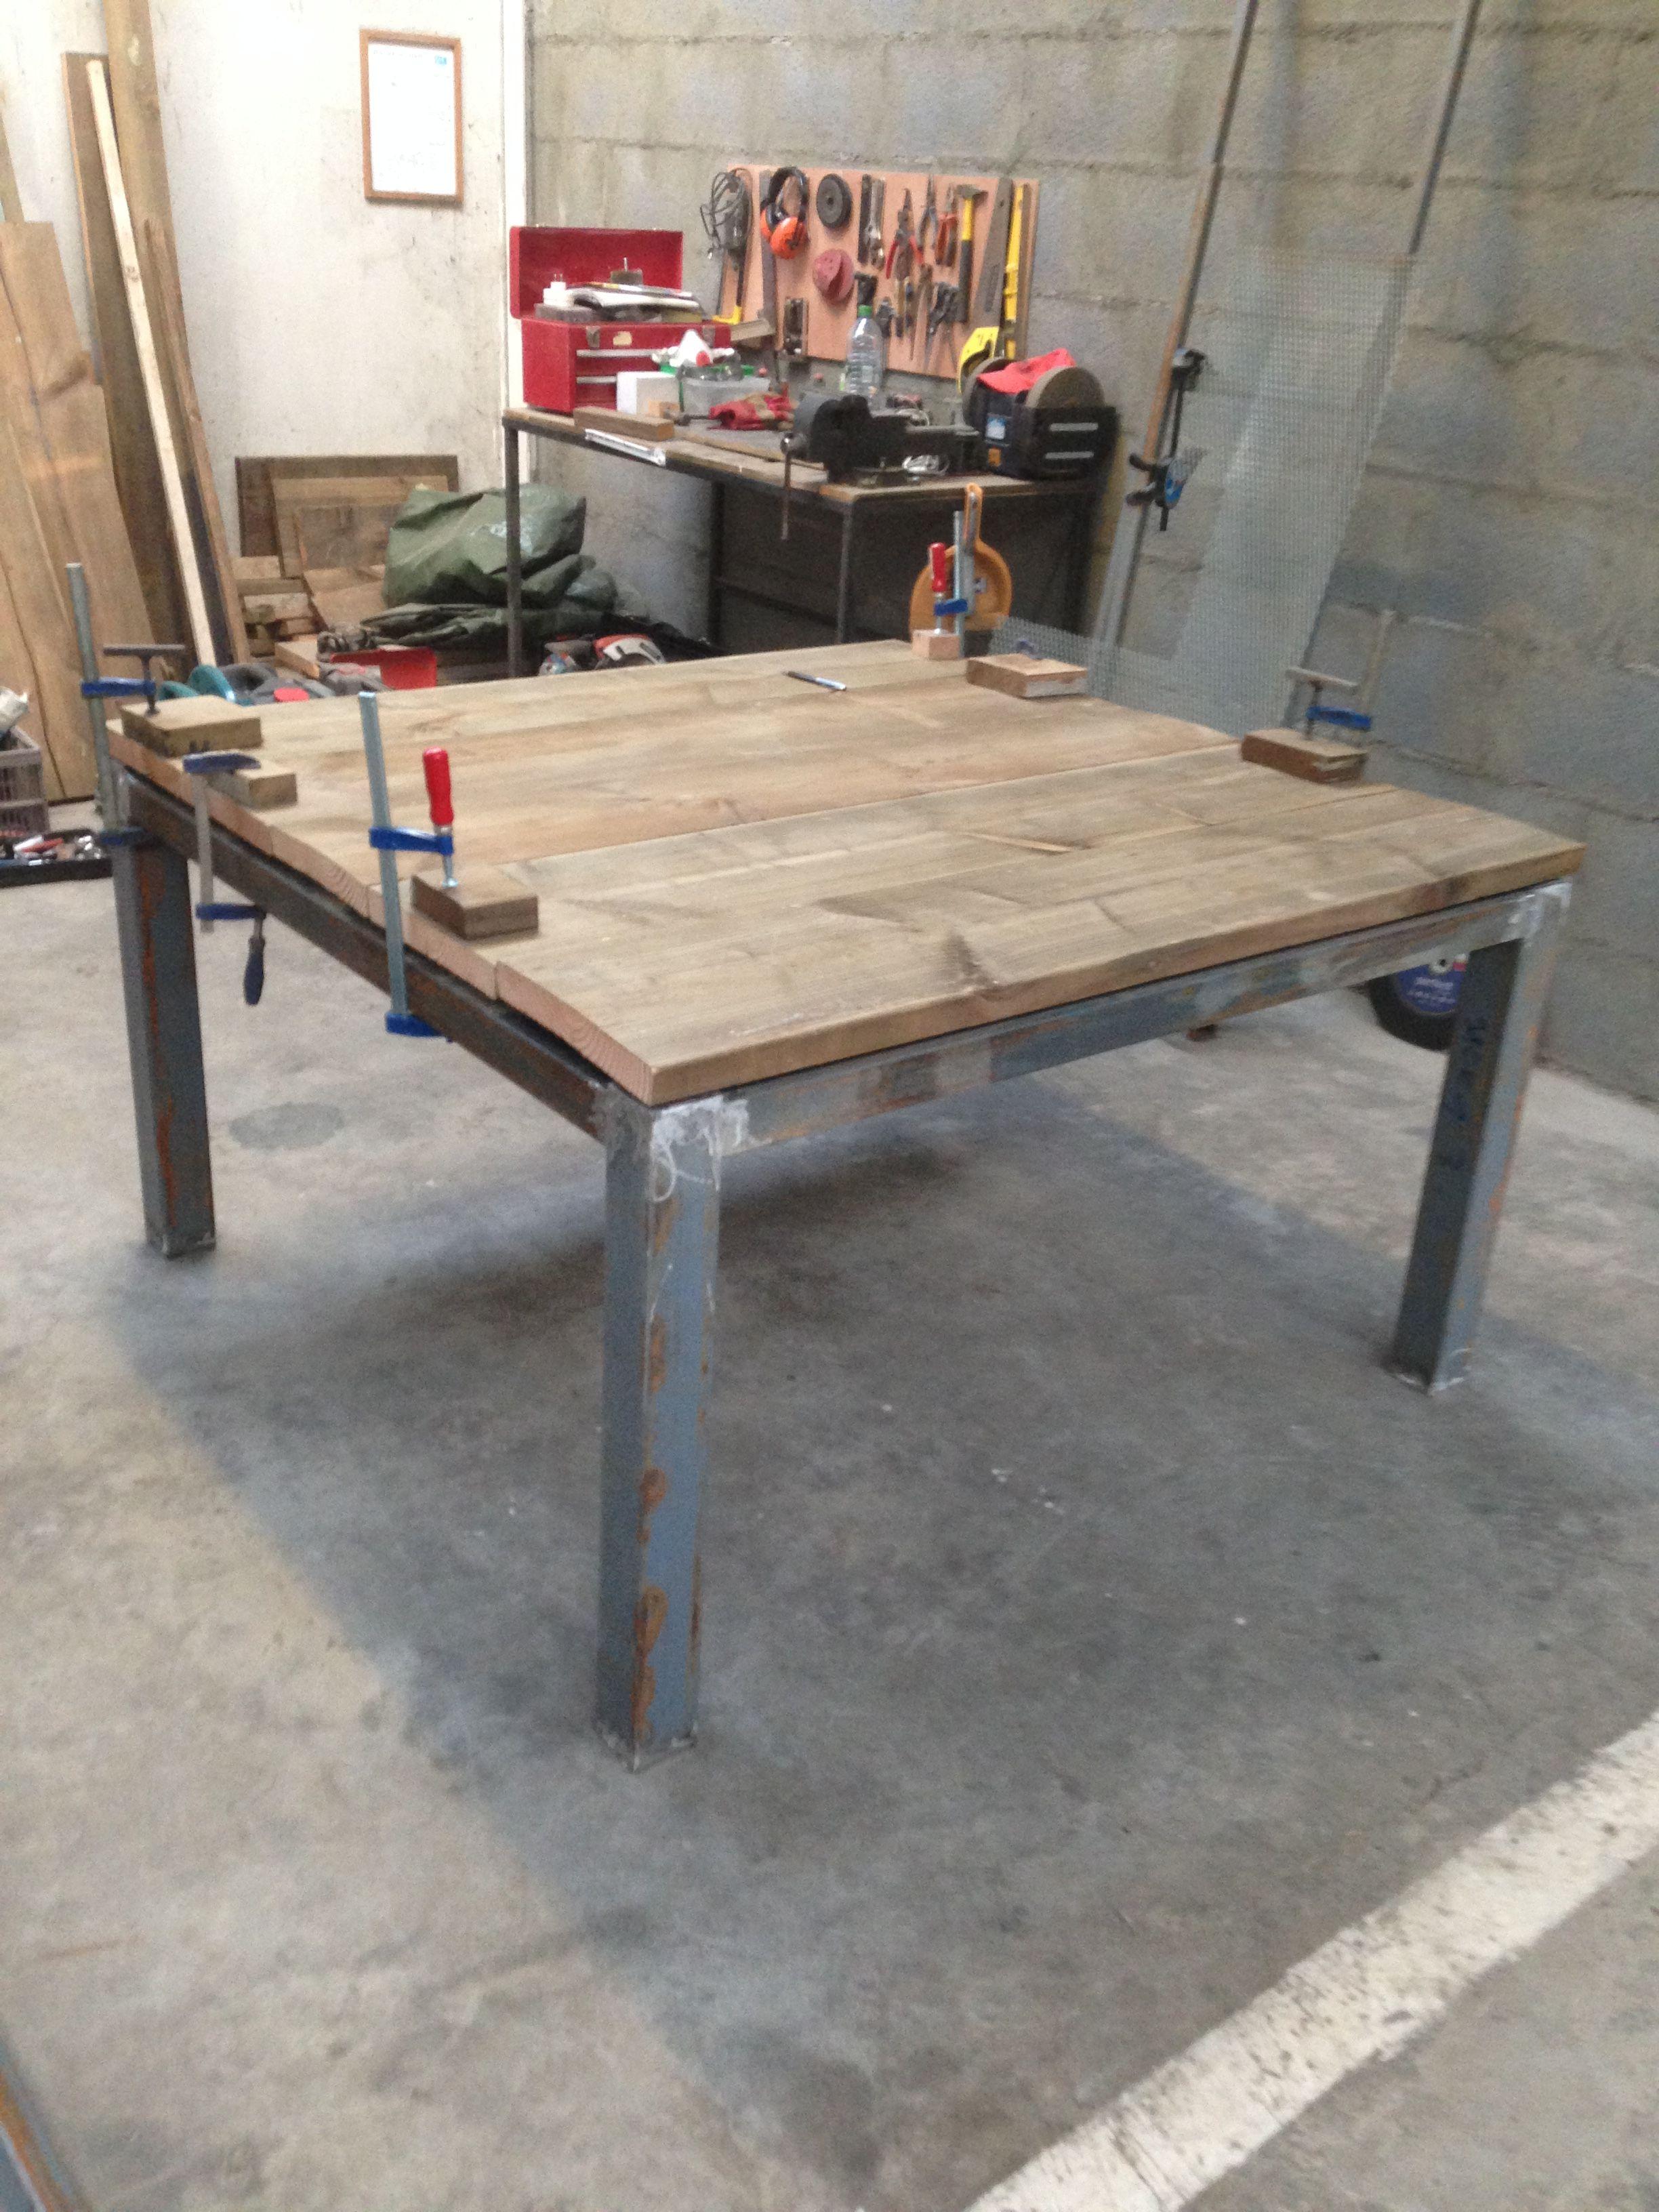 Table Carre Double Plateau Deco Maison Deco Meubles Industriels